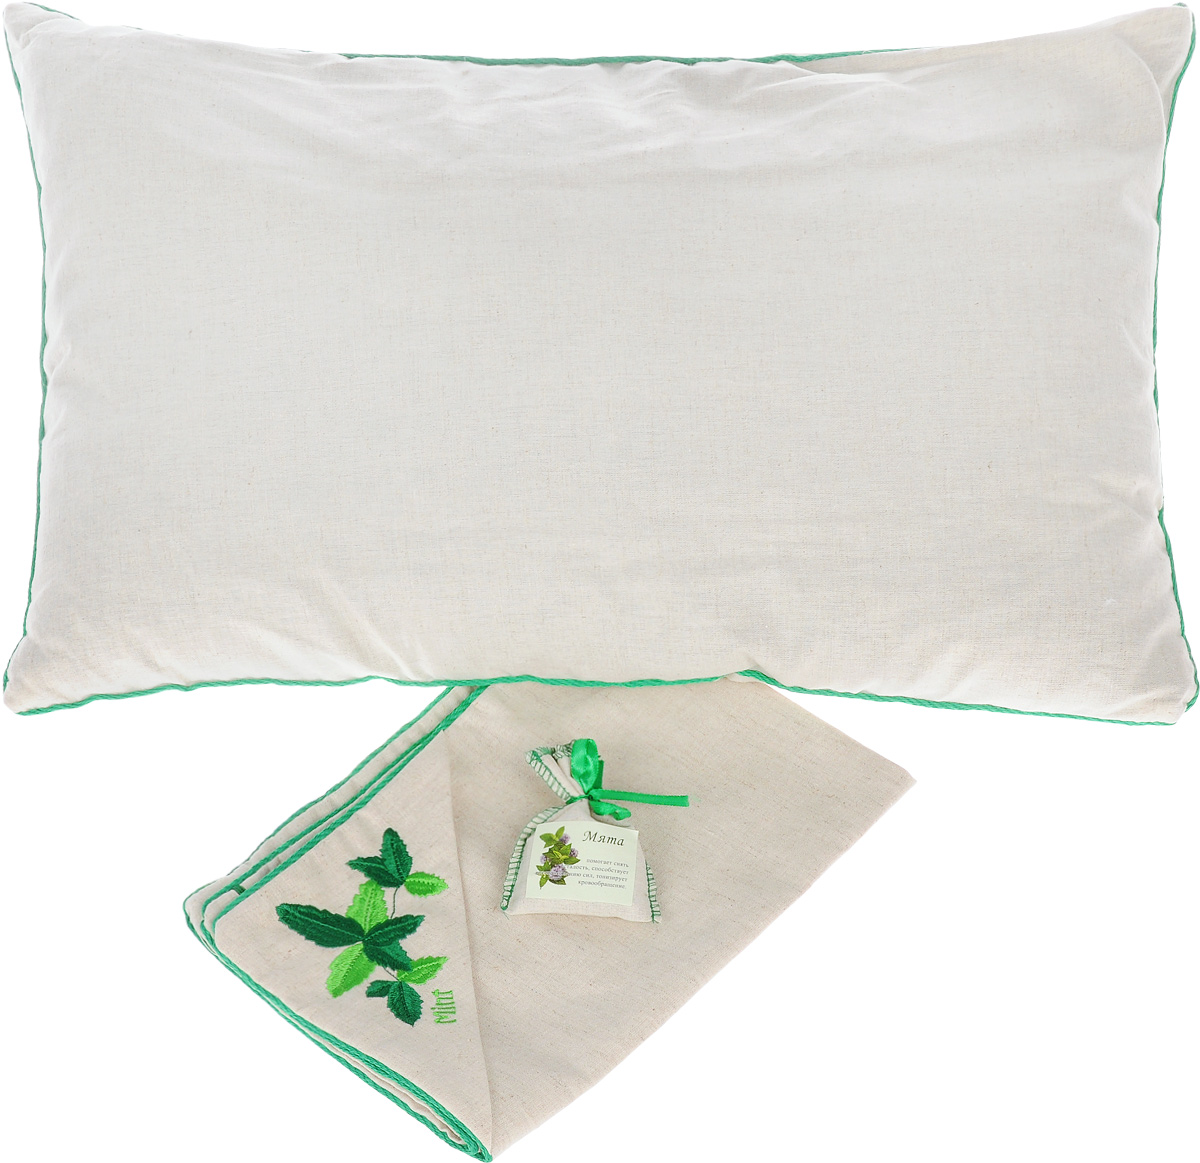 Подушка Smart Textile Традиция здоровья, с наволочкой, с мешочком мяты, 40 х 60 см16057Подушка Smart Textile Традиция здоровья - идеальный подарок для любимого человека. Чехол и наволочка выполнены изо 100% льна, наволочка оформлена оригинальной вышивкой в виде мяты, окантована и застегивается на аккуратную молнию-застежку. В комплект входит миниатюрный льняной мешочек с мятой на атласной завязке-ленте. Тонкий аромат мяты принесет нотки природы в вашу спальню. Такой аромат был выбран не случайно. Во сне мы проводим значительную часть нашей жизни и именно от качества сна будет зависеть наше самочувствие и продуктивность нового дня. Поэтому особенно важно выбрать для себя постельные принадлежности, чтобы они были не только удобными, но и полезными. Мята богата ментолом (содержится в листьях растения), который помогает снять усталость, головную боль, тонизирует кровообращение, обладает антисептическими свойствами, благотворно влияет на иммунную систему, снижая риск простудных и вирусных заболеваний.Не случаен и выбор наполнителя для подушки – лепестки лузги гречихи. Это природный гипоаллергенный наполнитель, который очень часто используют для набивки подушек. Такой наполнитель полый, легкий, благодаря чему позволяет воздуху циркулировать внутри подушки, сохраняя комфортную температуру и не накапливает пыль, не вызывает аллергии. Сыпучесть придает подушке необходимое естественное положение головы и шеи, что делает ваш сон максимально комфортным и полезным. А благодаря своей трехгранной структуре лузга гречихи обеспечивает микромассаж головы и шеи во время сна. Вы проснетесь бодрым и свежим, открытым для нового дня. Кроме того лузга обладает антистатическим действием. В отличие от синтетического, натуральный наполнитель не магнитит волосы и не трещит. Рекомендации по уходу: Подушка упакована в пластиковую сумку-чехол на застежке-молнии с ручкой для комфортной переноски и хранения. Рекомендации по уходу: - Стирка запрещена,- Нельзя отбеливать,- Не гладить,- Химчистка толь